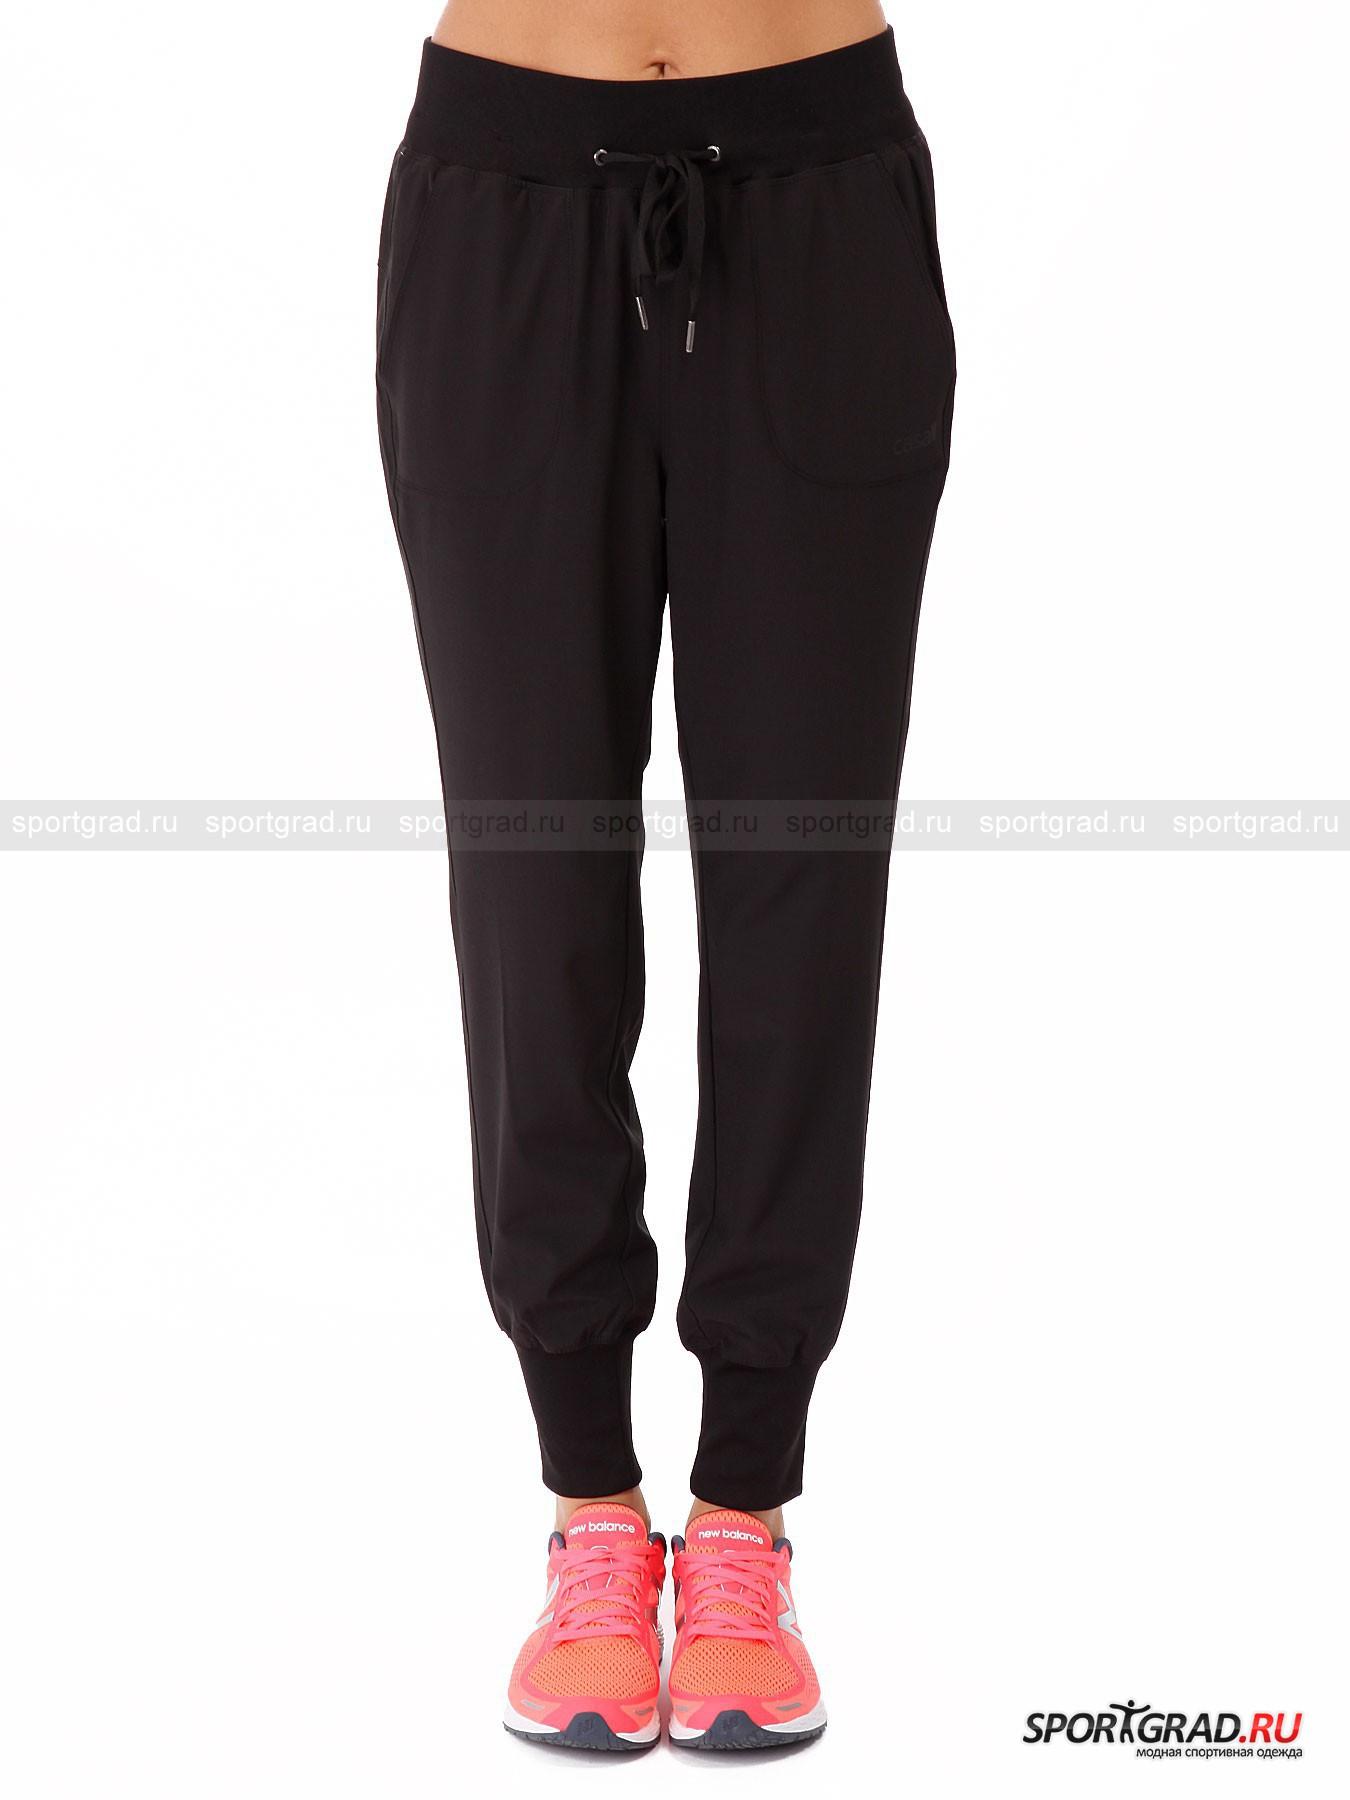 Брюки женские Urban joggers CASALLБрюки<br>Однотонные черные спортивные штанишки Urban Joggers Casall подойдут для танцев и кардио-тренировок и легко станут основой вашего фитнес-образа, так как будут хорошо сочетаться с любой майкой или футболкой. Они сшиты из функциональной ткани, которая прекрасно пропускает воздух, обеспечивая максимальную вентиляцию. Брюки отлично тянутся во все стороны, гарантируя полную свободу движений. Модель снабжена плотным эластичным поясом с кулиской и лентами-утяжками, а также широкими манжетами внизу штанин. По бокам есть два кармана.<br><br>Пол: Женский<br>Возраст: Взрослый<br>Тип: Брюки<br>Рекомендации по уходу: стирка в теплой воде до 40 С; не отбеливать; гладить слегка нагретым утюгом (температура до 110 C); щадящая сухая чистка; нельзя выжимать и сушить в стиральной машине<br>Состав: 93% полиэстер, 7% эластан